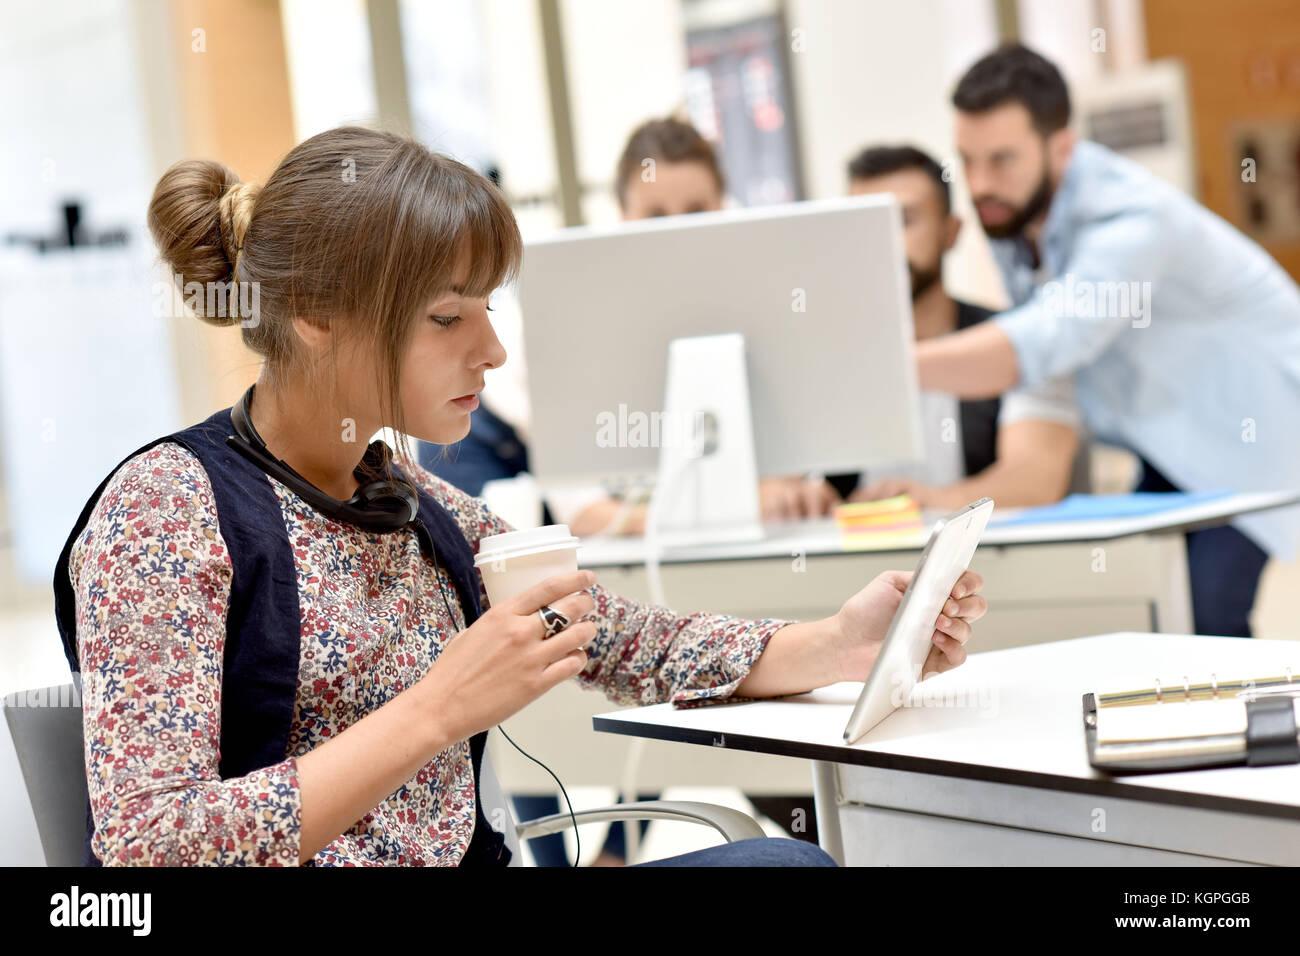 Moderne, junge Frau, die in Büros arbeiten auf Tablet Stockbild